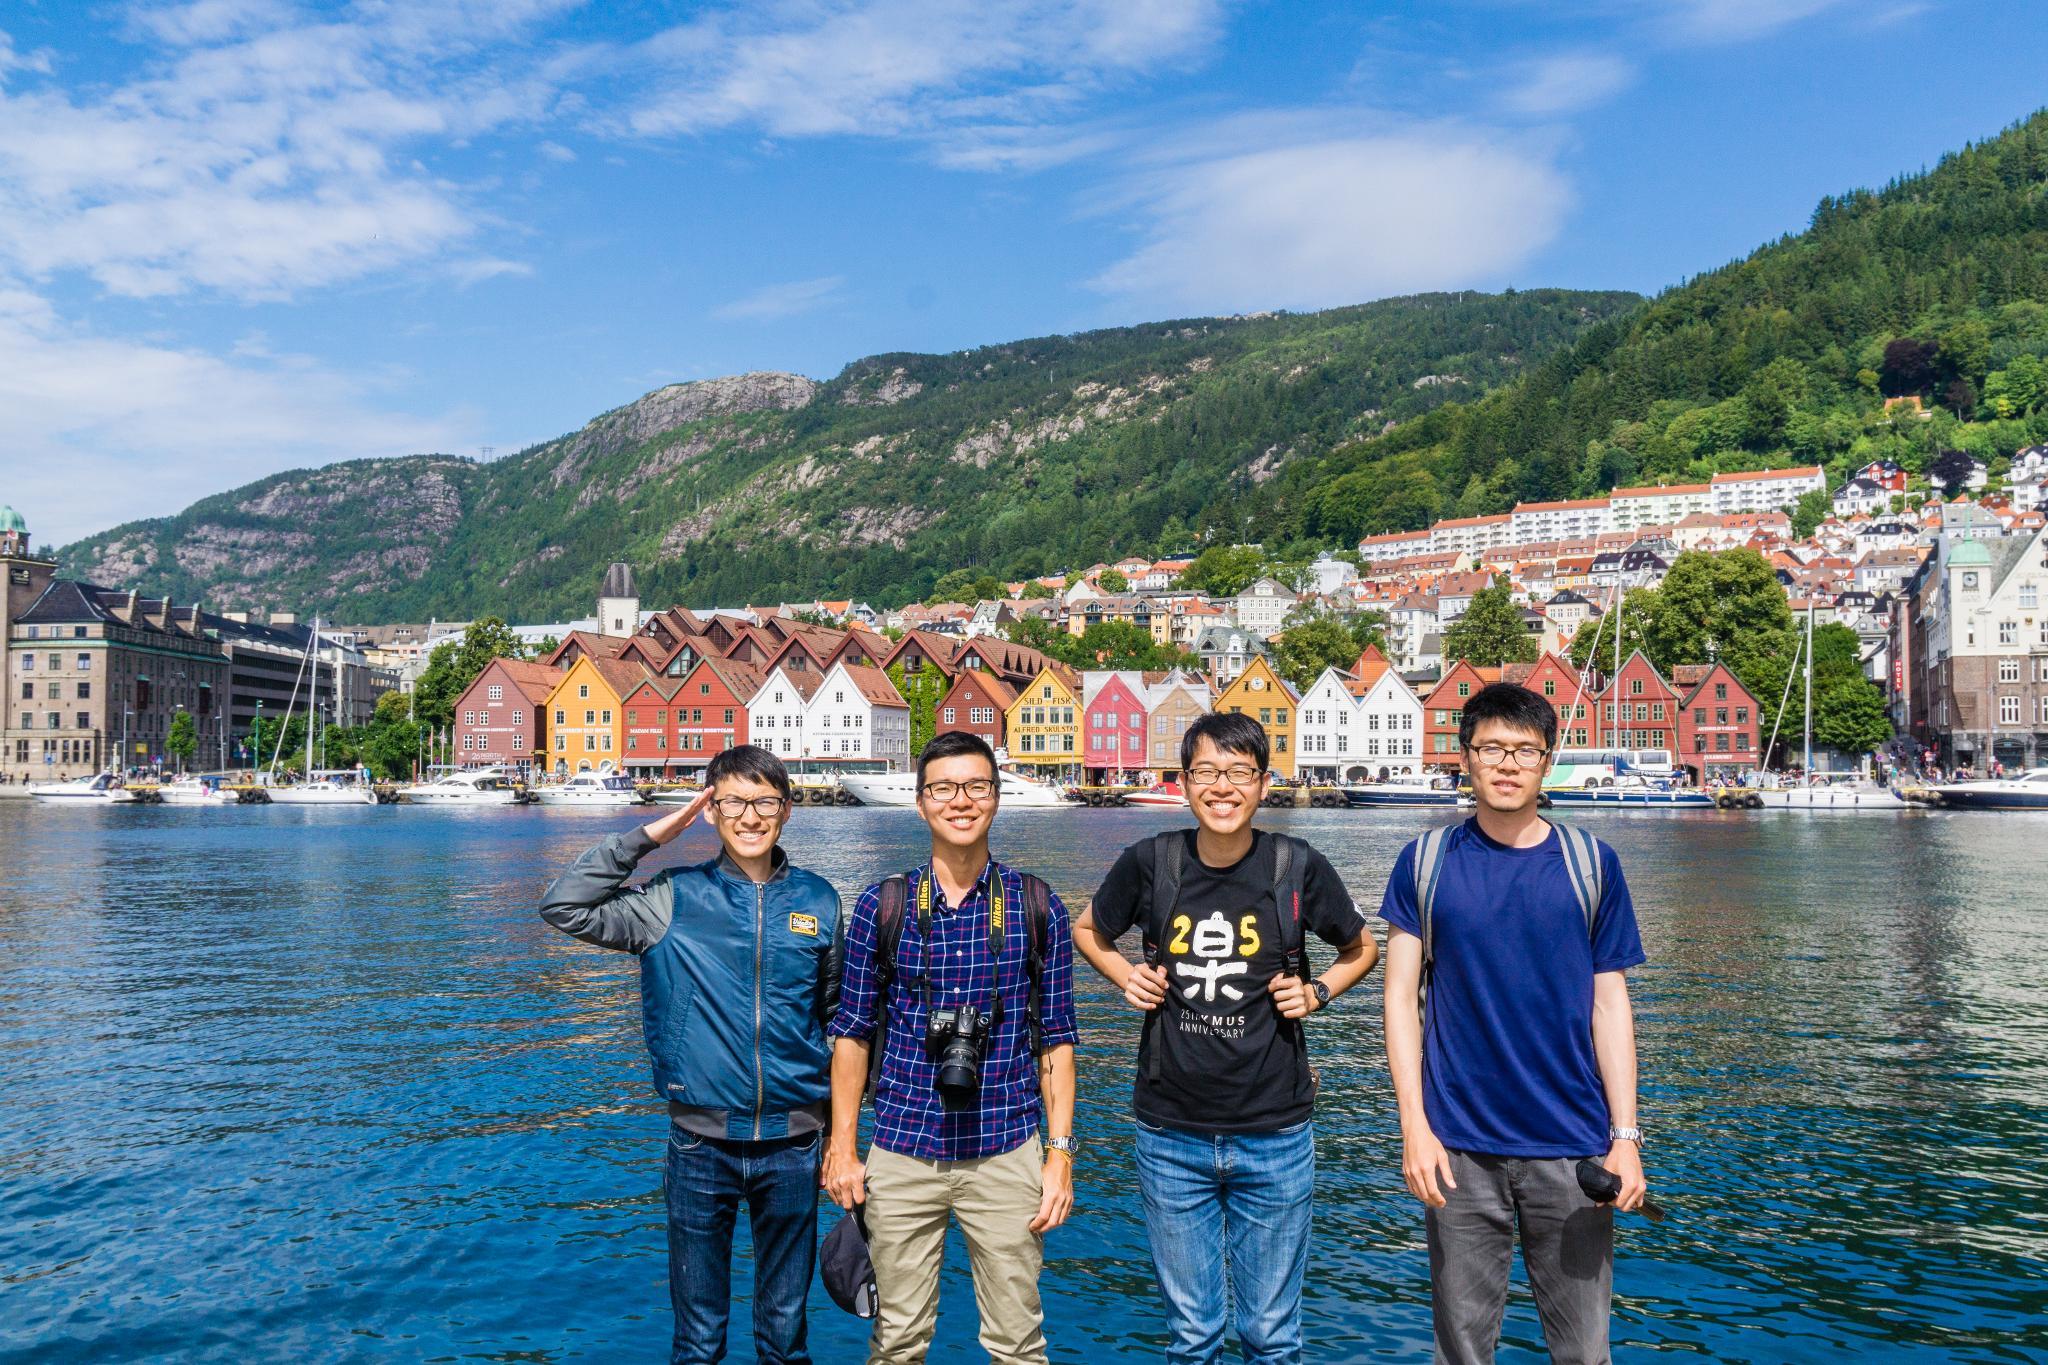 【卑爾根】Bryggen 世界遺產布呂根 — 迷失在百年歷史的挪威彩色木屋 42